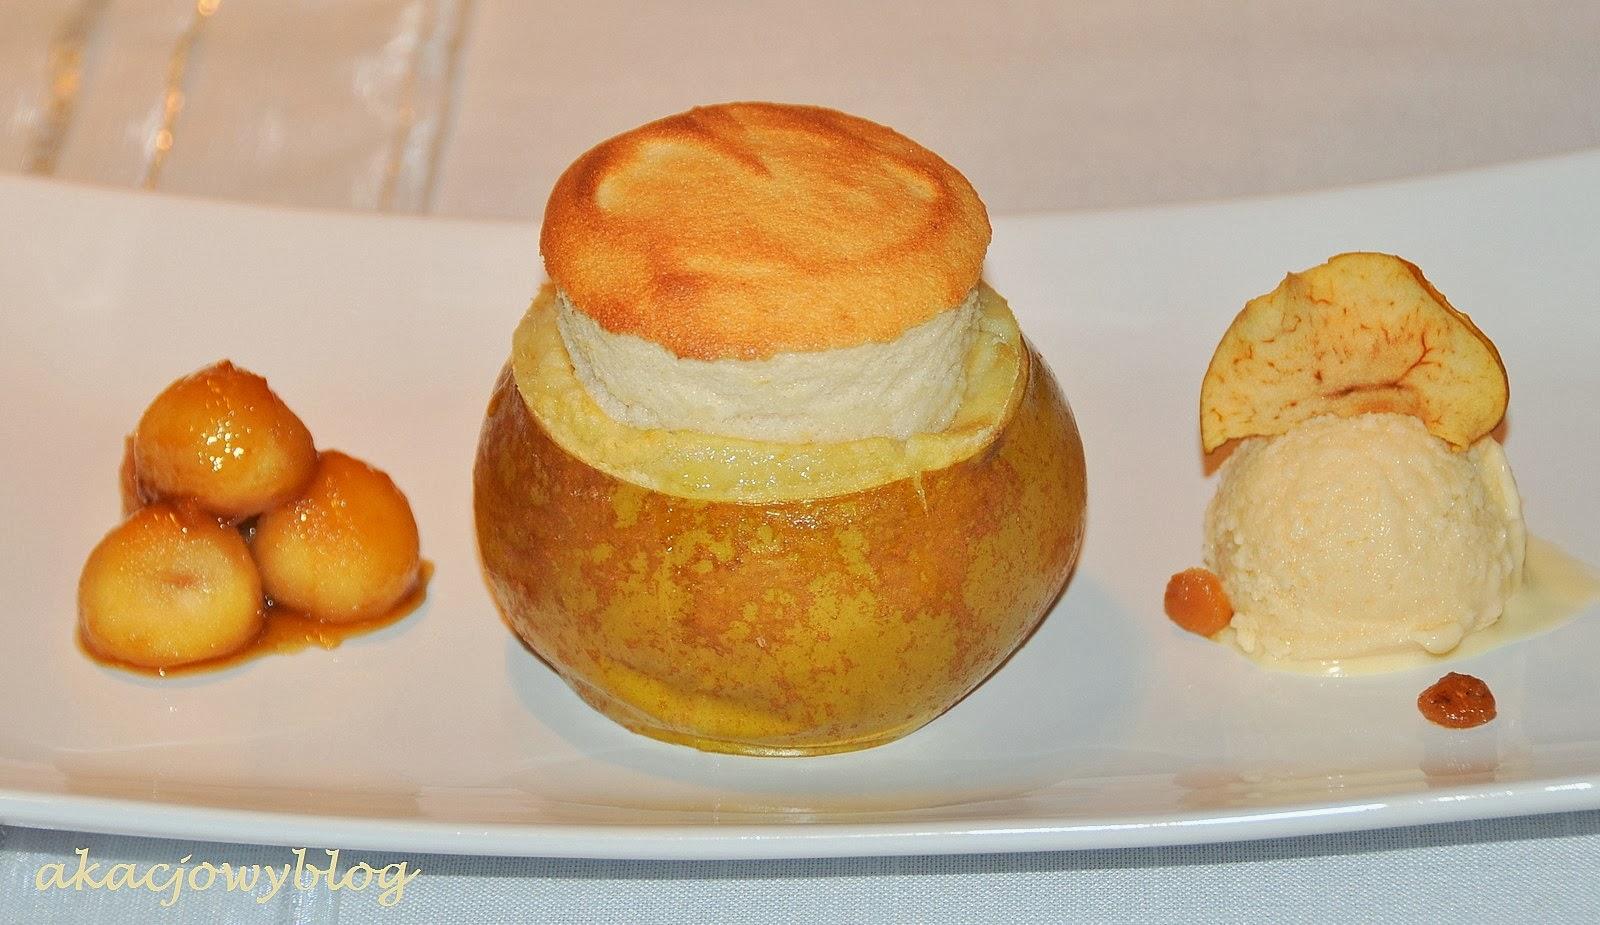 Suflet jabłkowy z lodami cydrowymi podany w jabłku wg Raymonda Blanc'a.